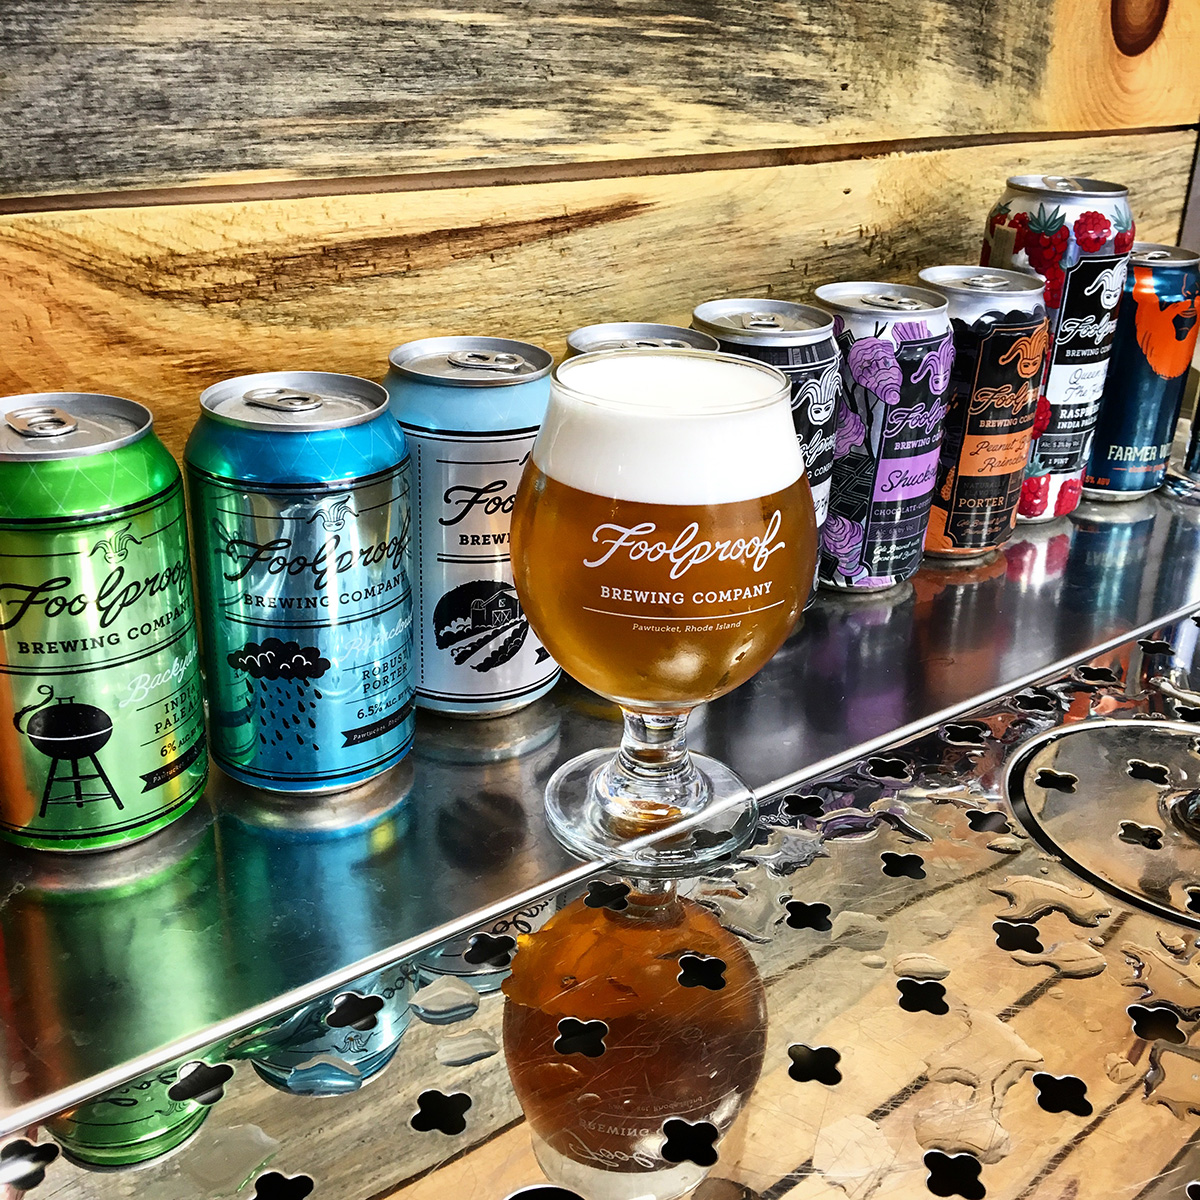 foolproof brewing beers